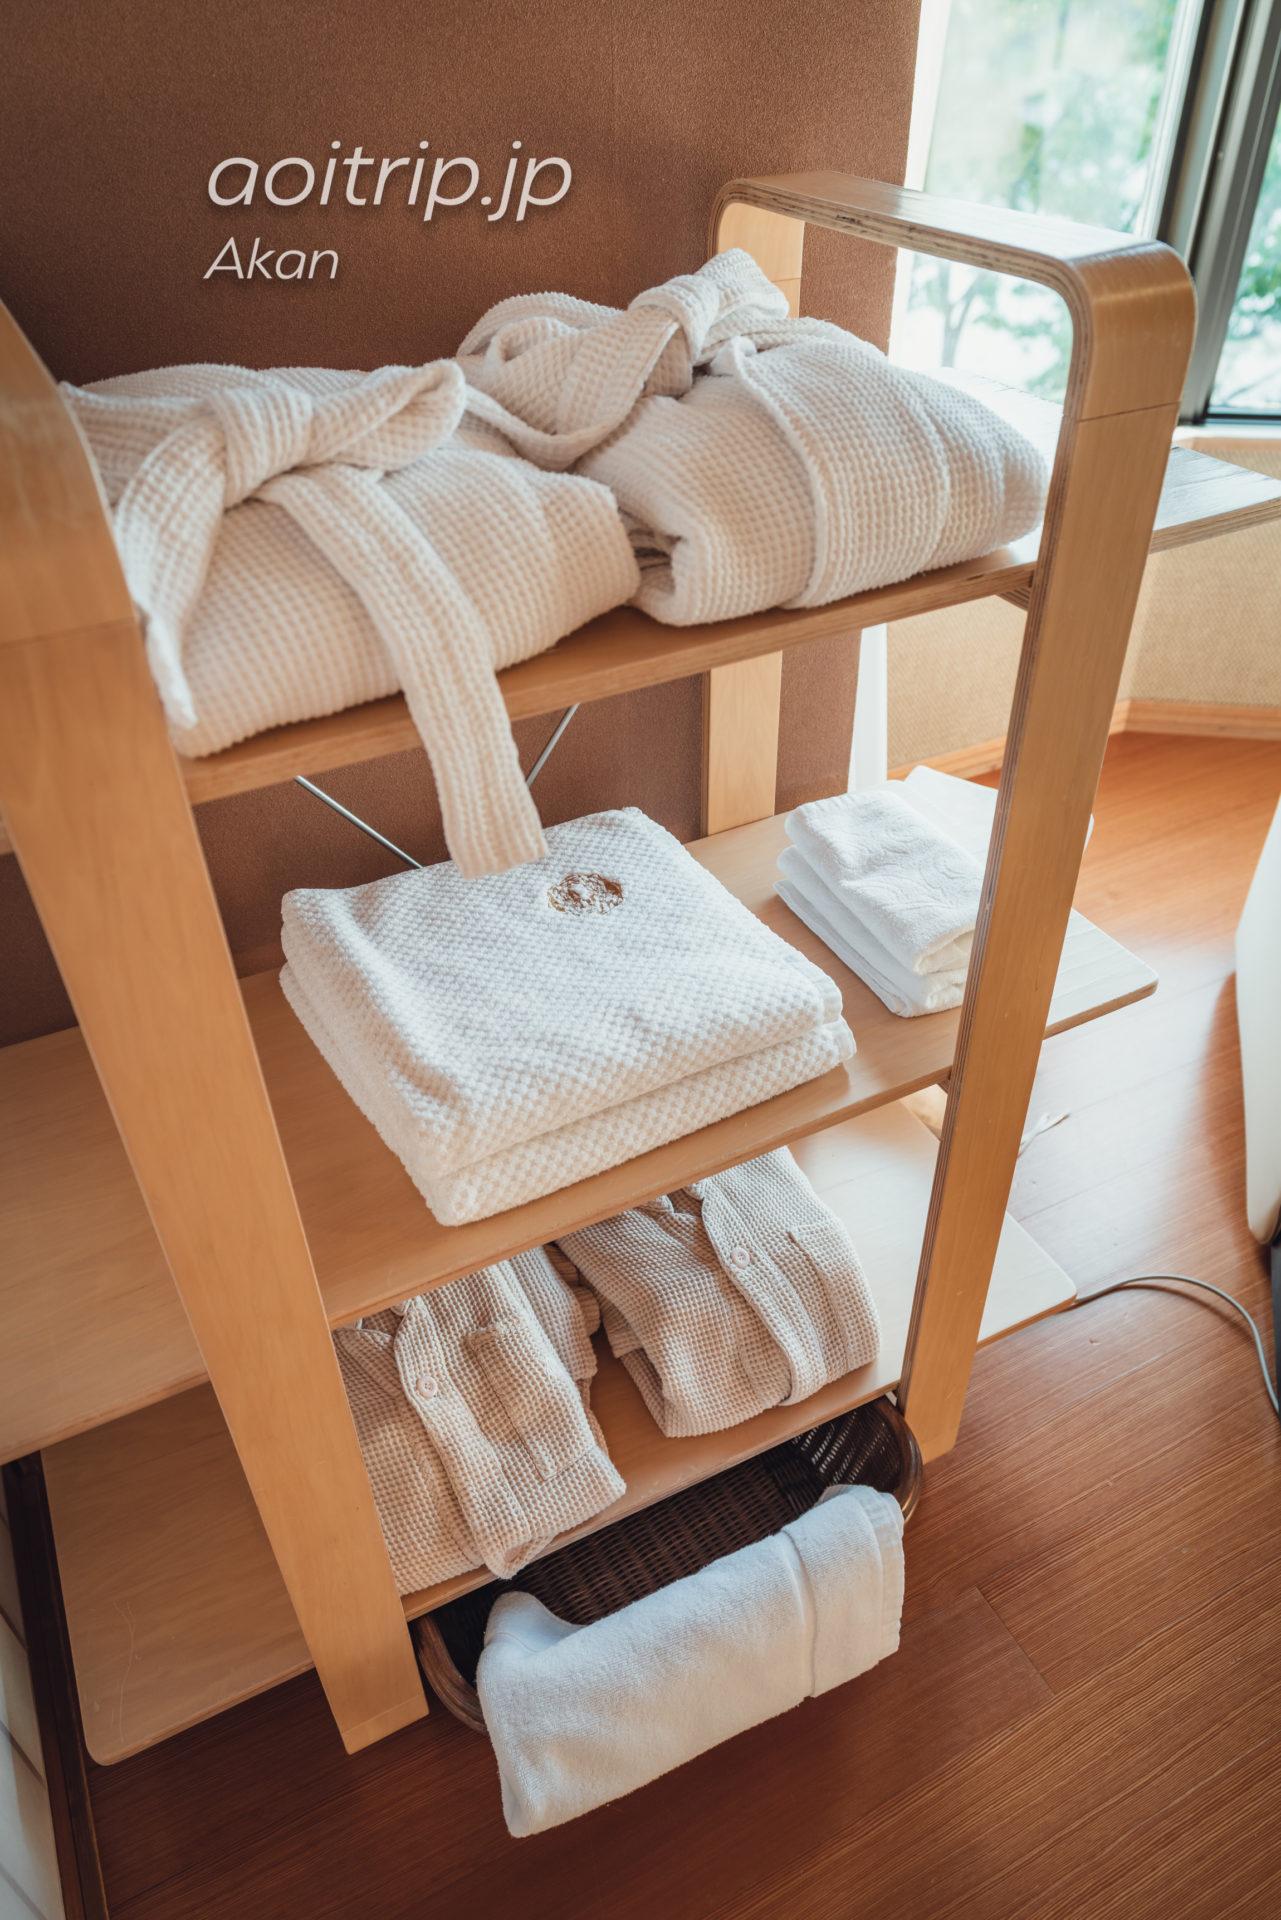 あかん遊久の里 鶴雅【別館】露天風呂付和室2名様用 タオル類